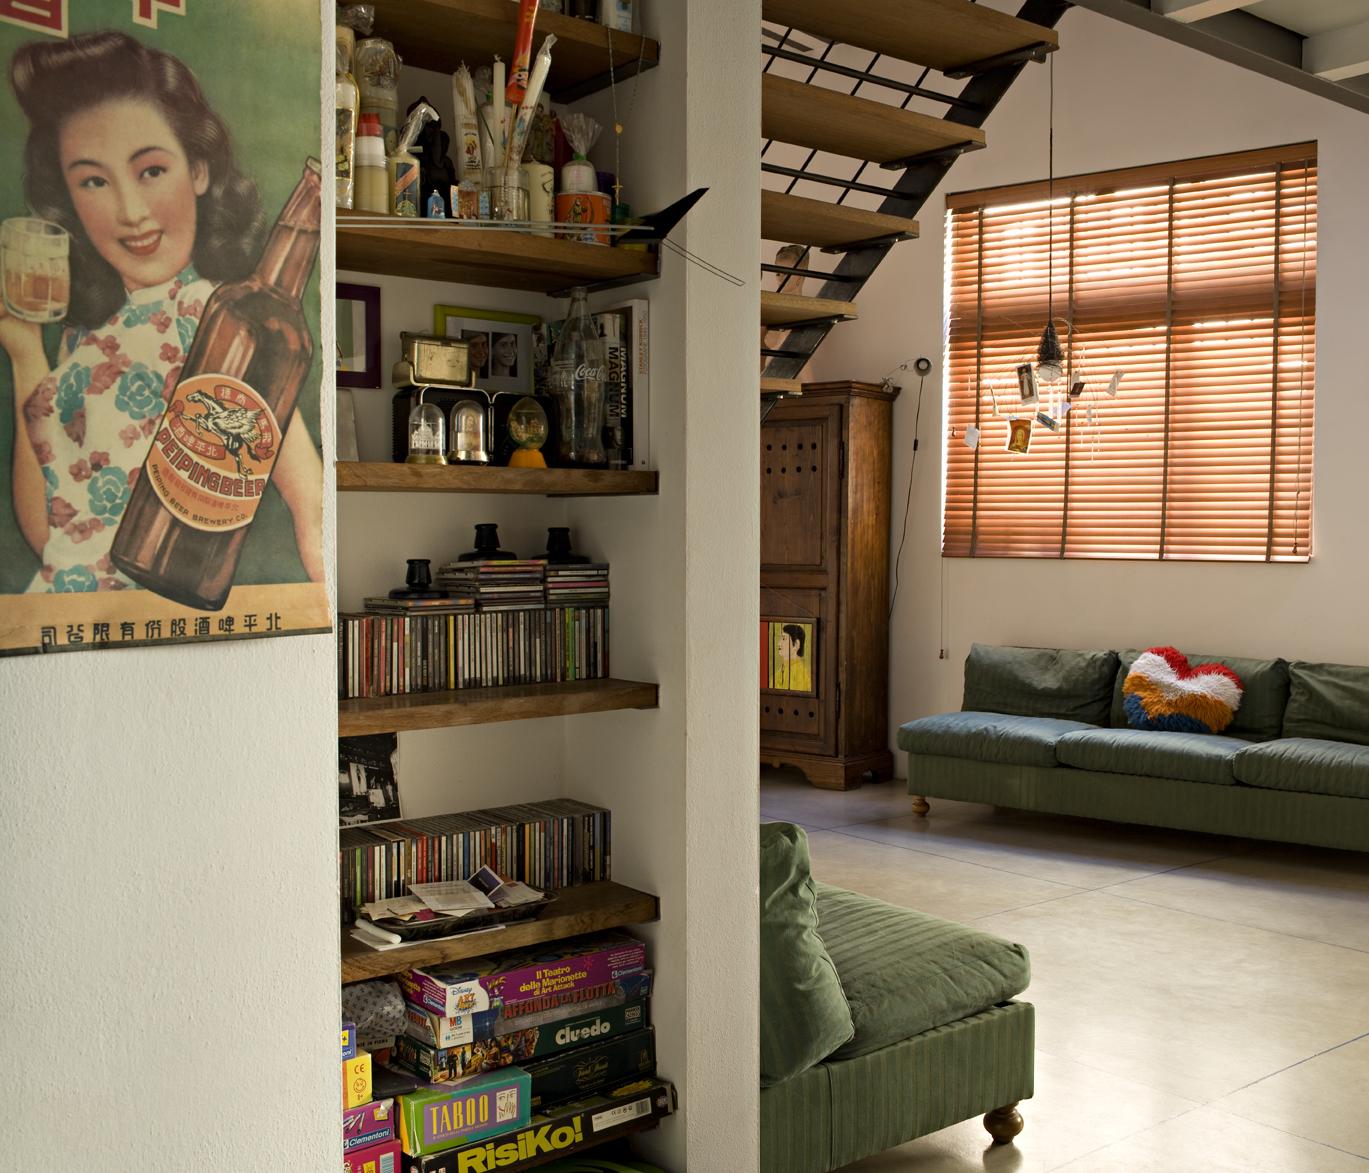 Un loft in stile vintage con soppalco casa luce for Oggetti moderni per la casa